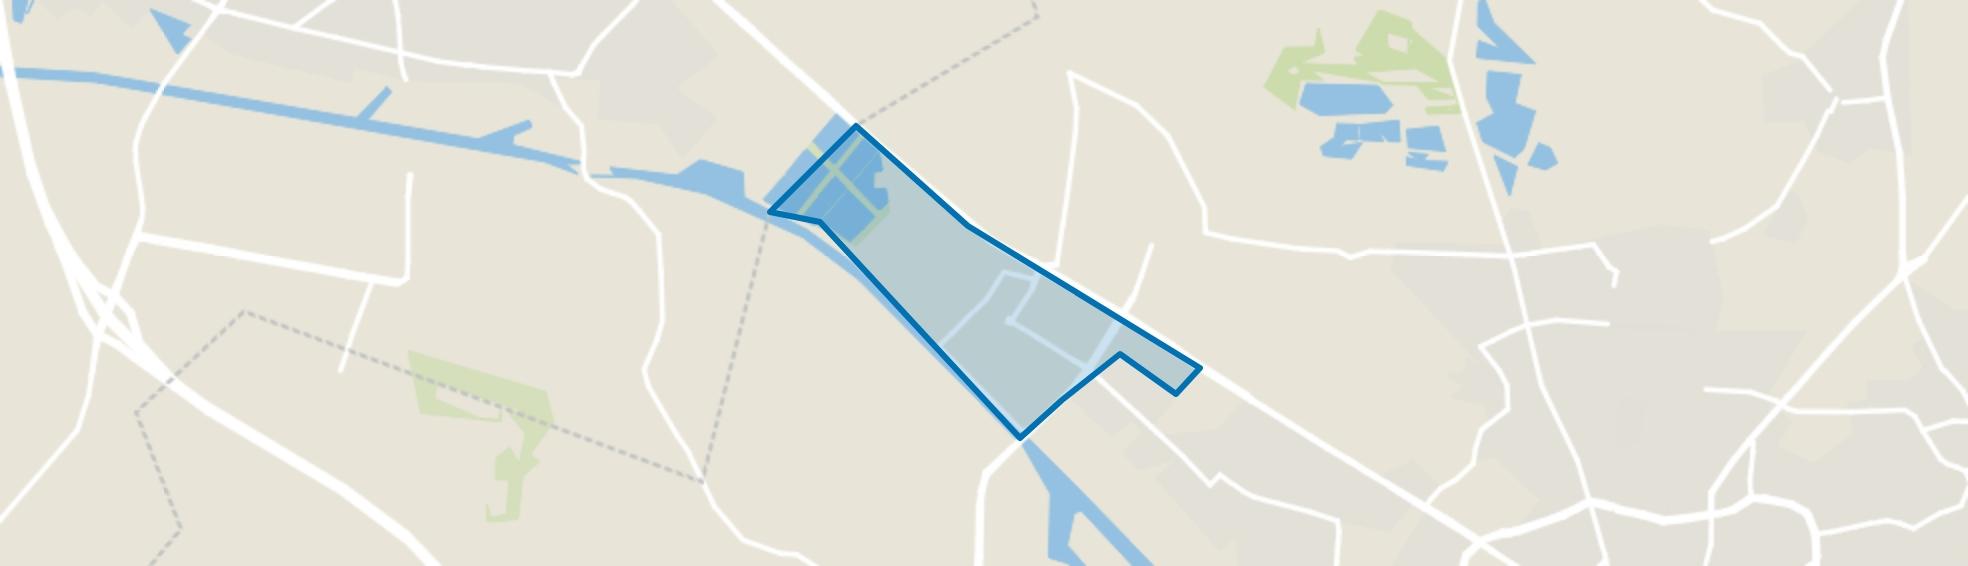 Kennispark, Enschede map